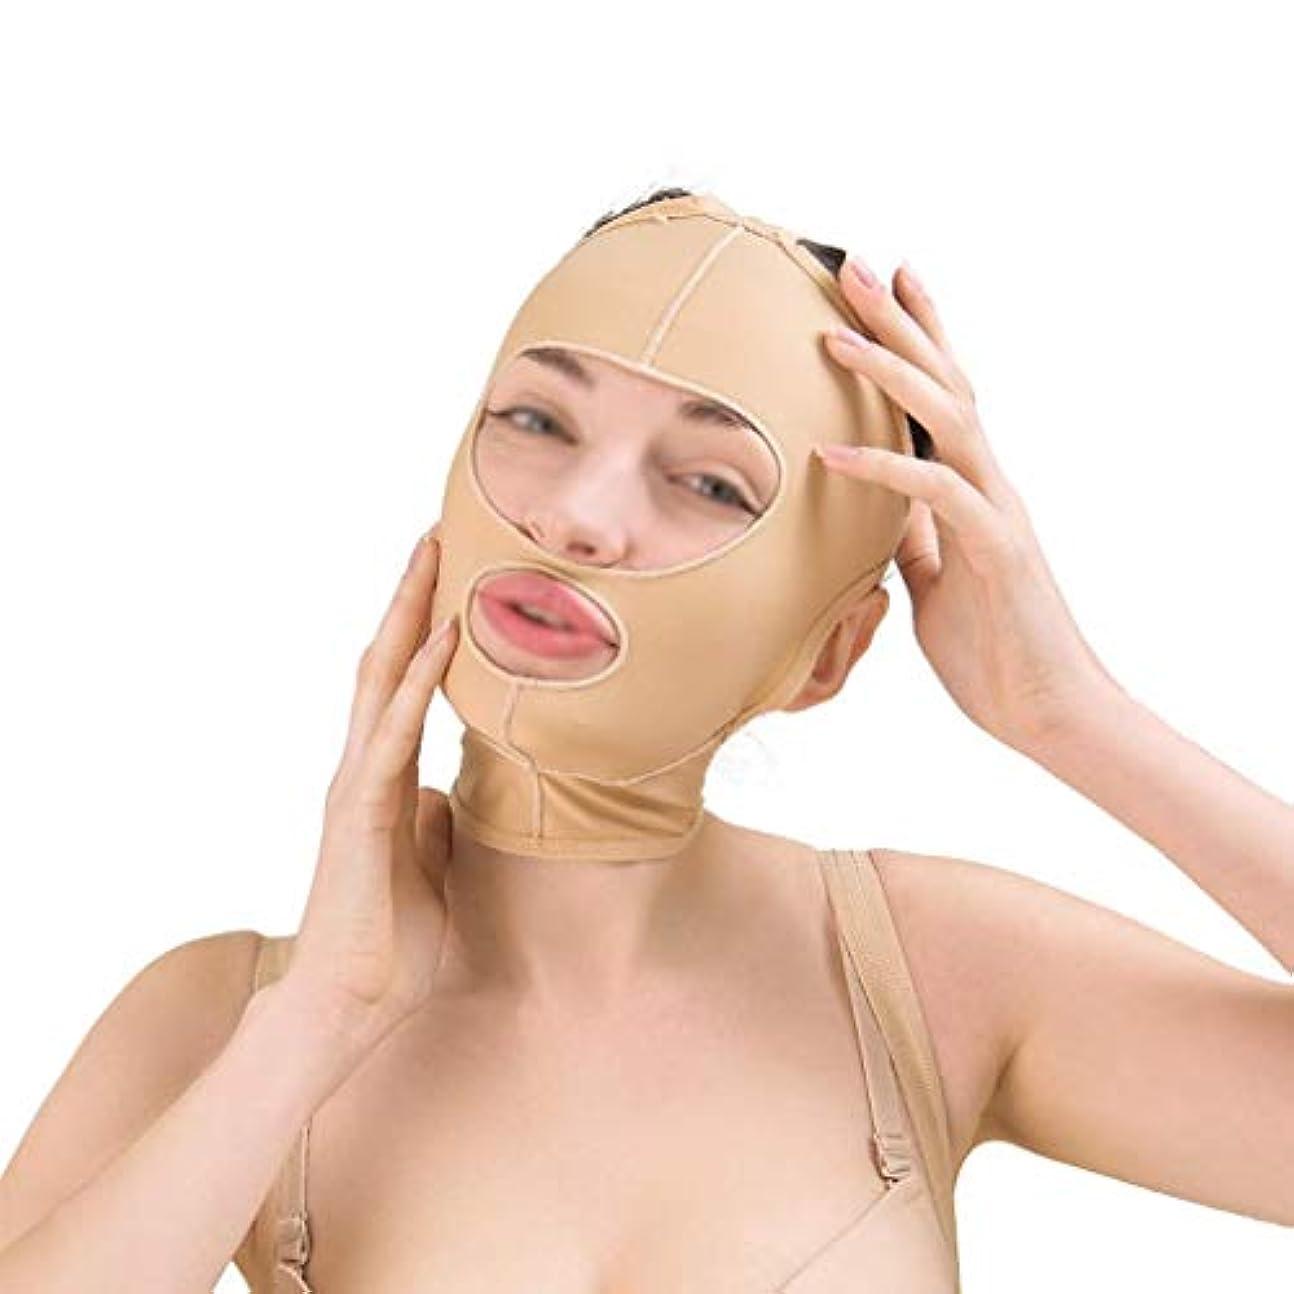 突撃驚歯美容フェイスリフト減量ベルト、ほおスリムフィット、通気性フェイスリフト、引き締め、リフティング包帯、フェイシャルスキン包帯(サイズ:M),M